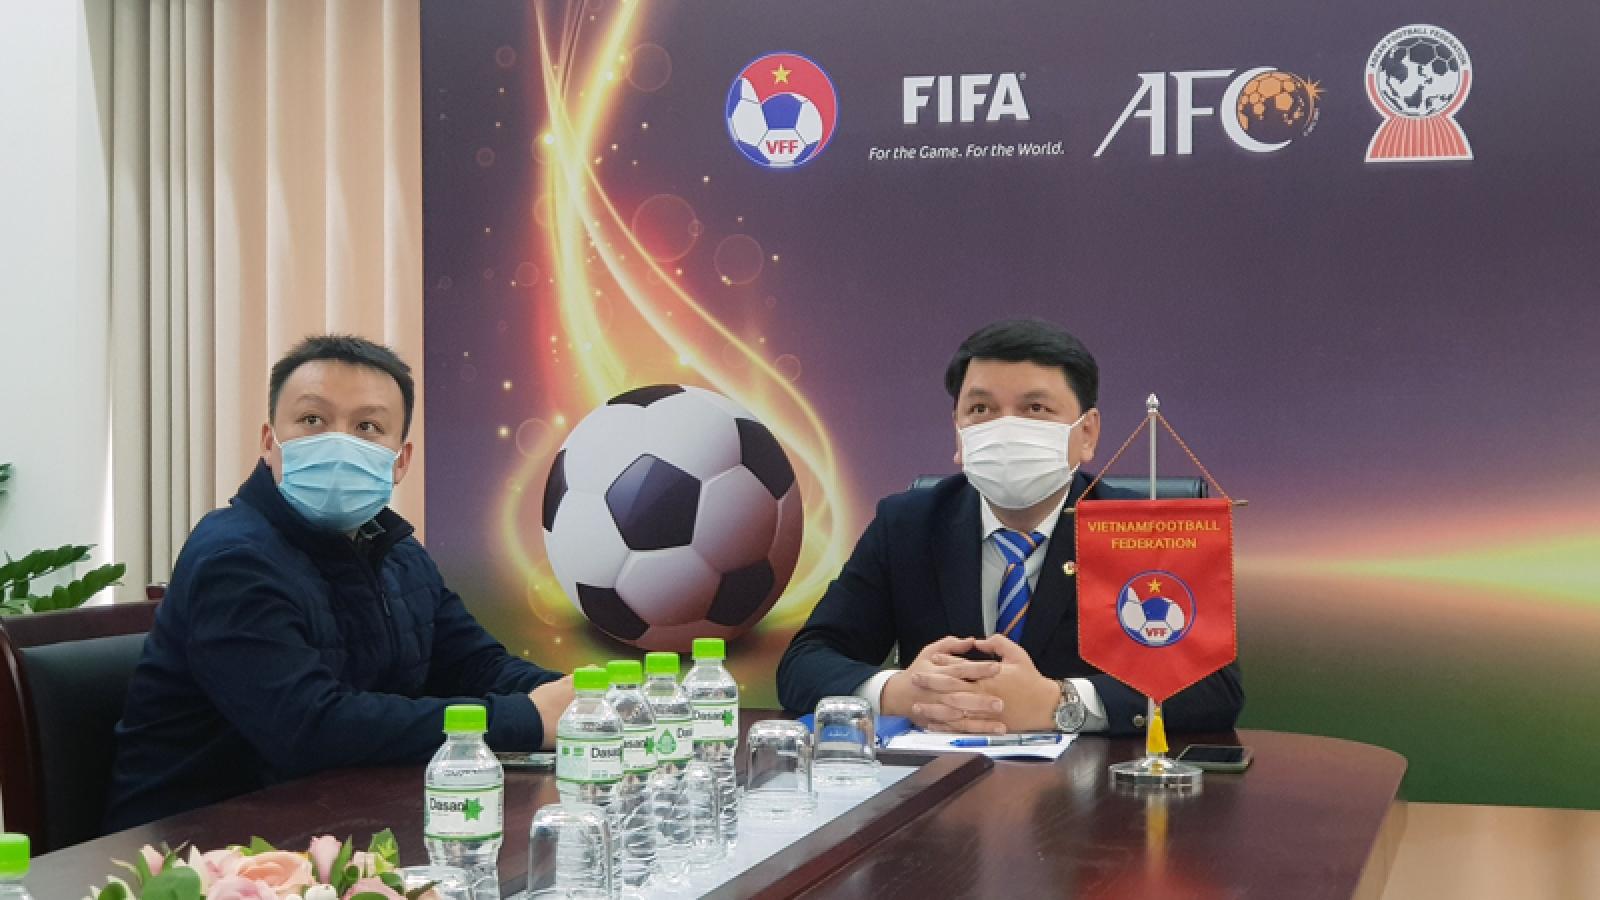 ĐT Việt Nam đá các trận tiếp theo ở vòng loại World Cup 2022 theo hình thức tập trung